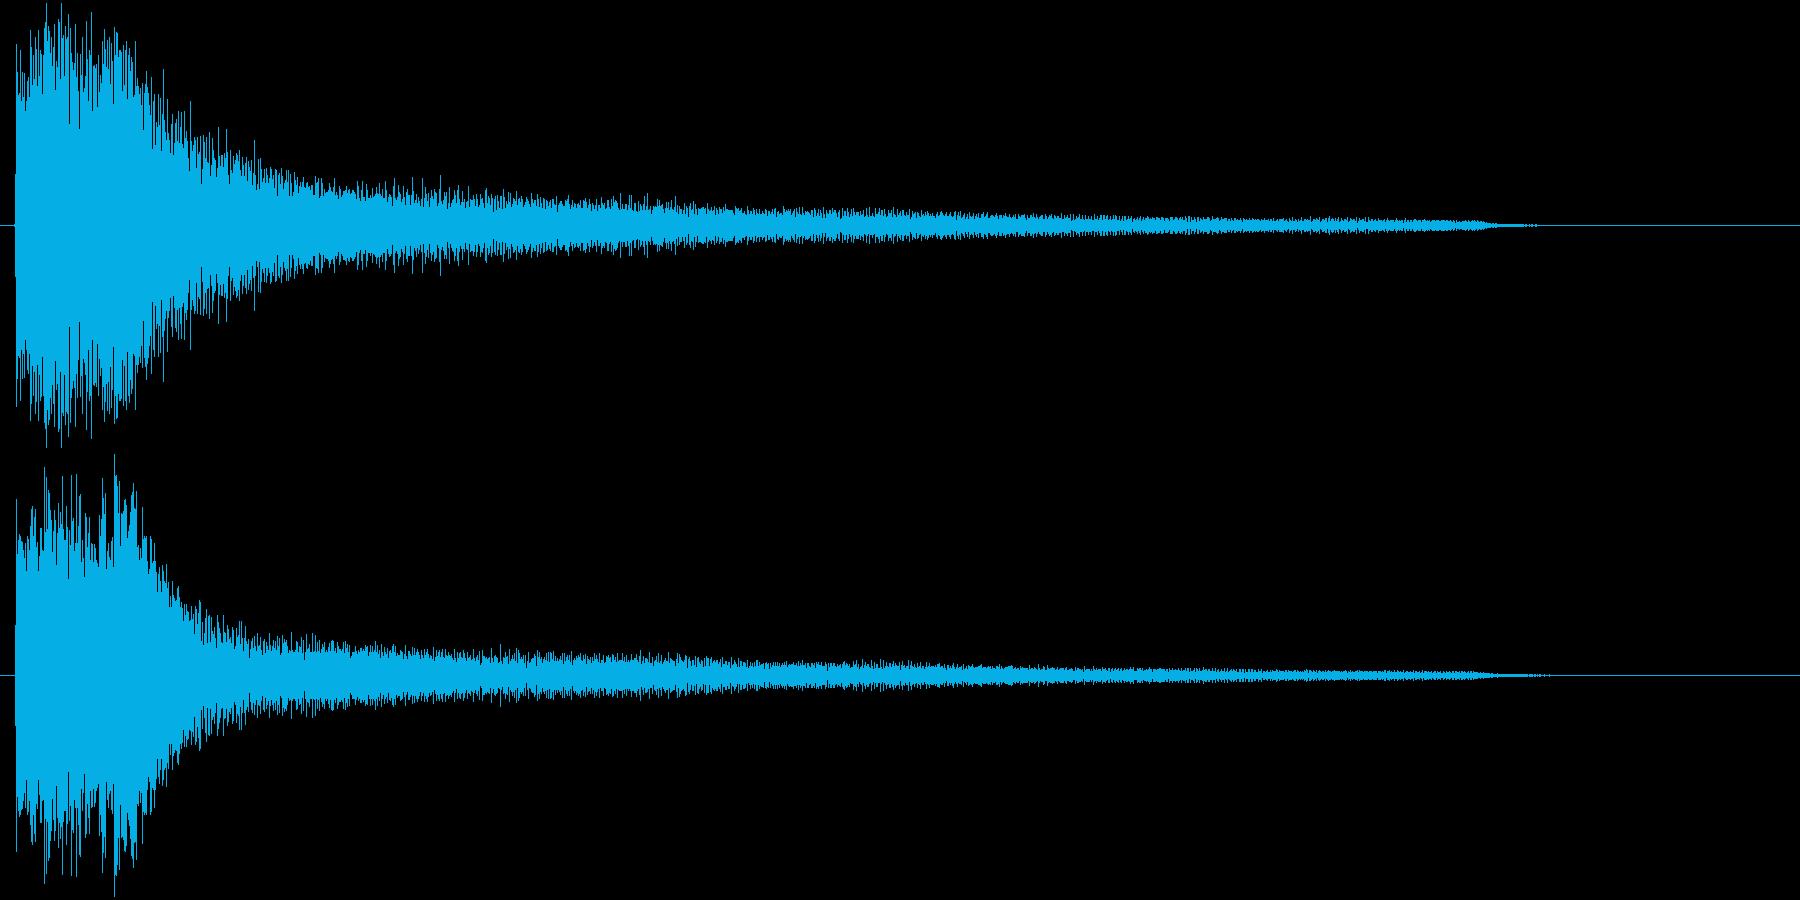 エンディング・ゲームオーバーなSE 1の再生済みの波形